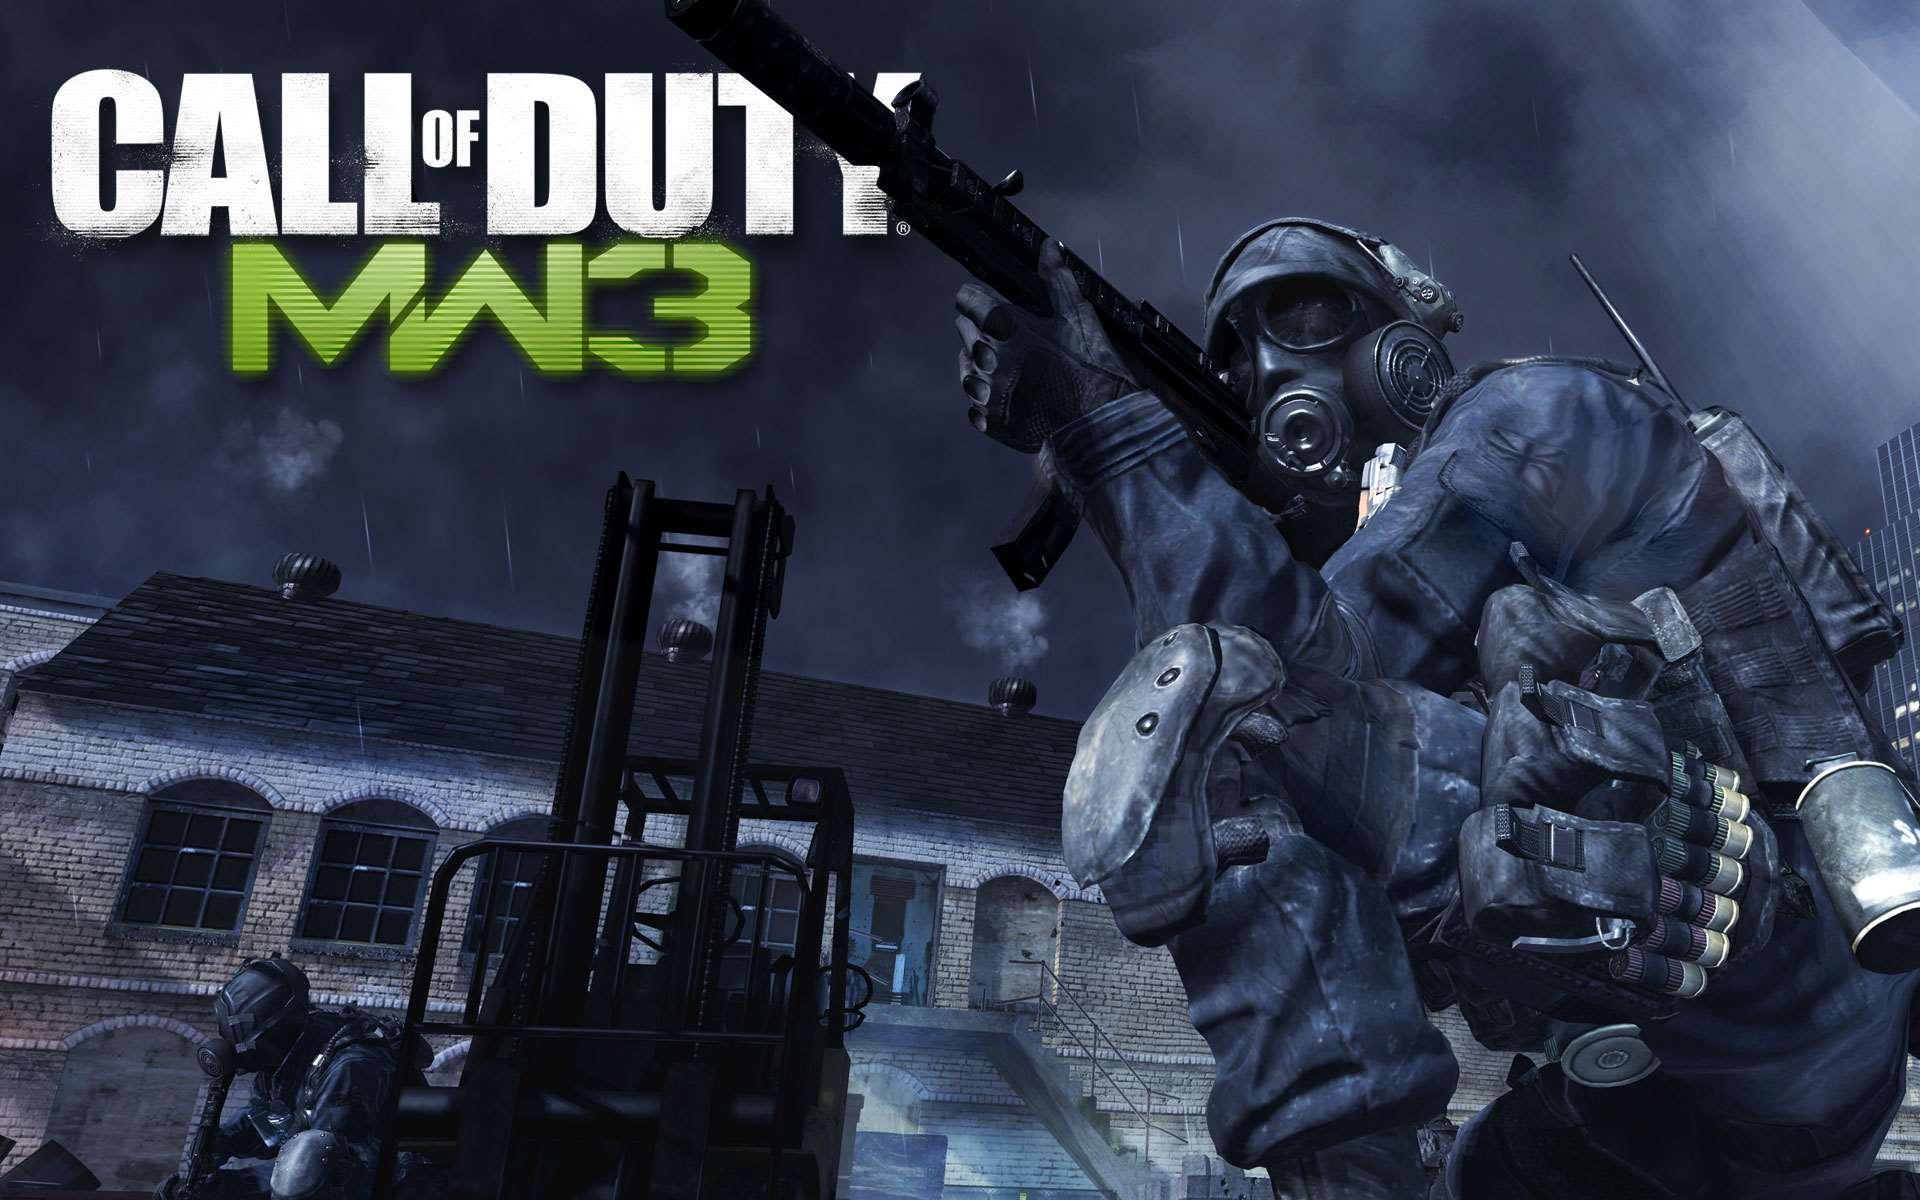 Call Of Duty Modern Warfare 3 Modern Warfare 3 Wallpaper 3